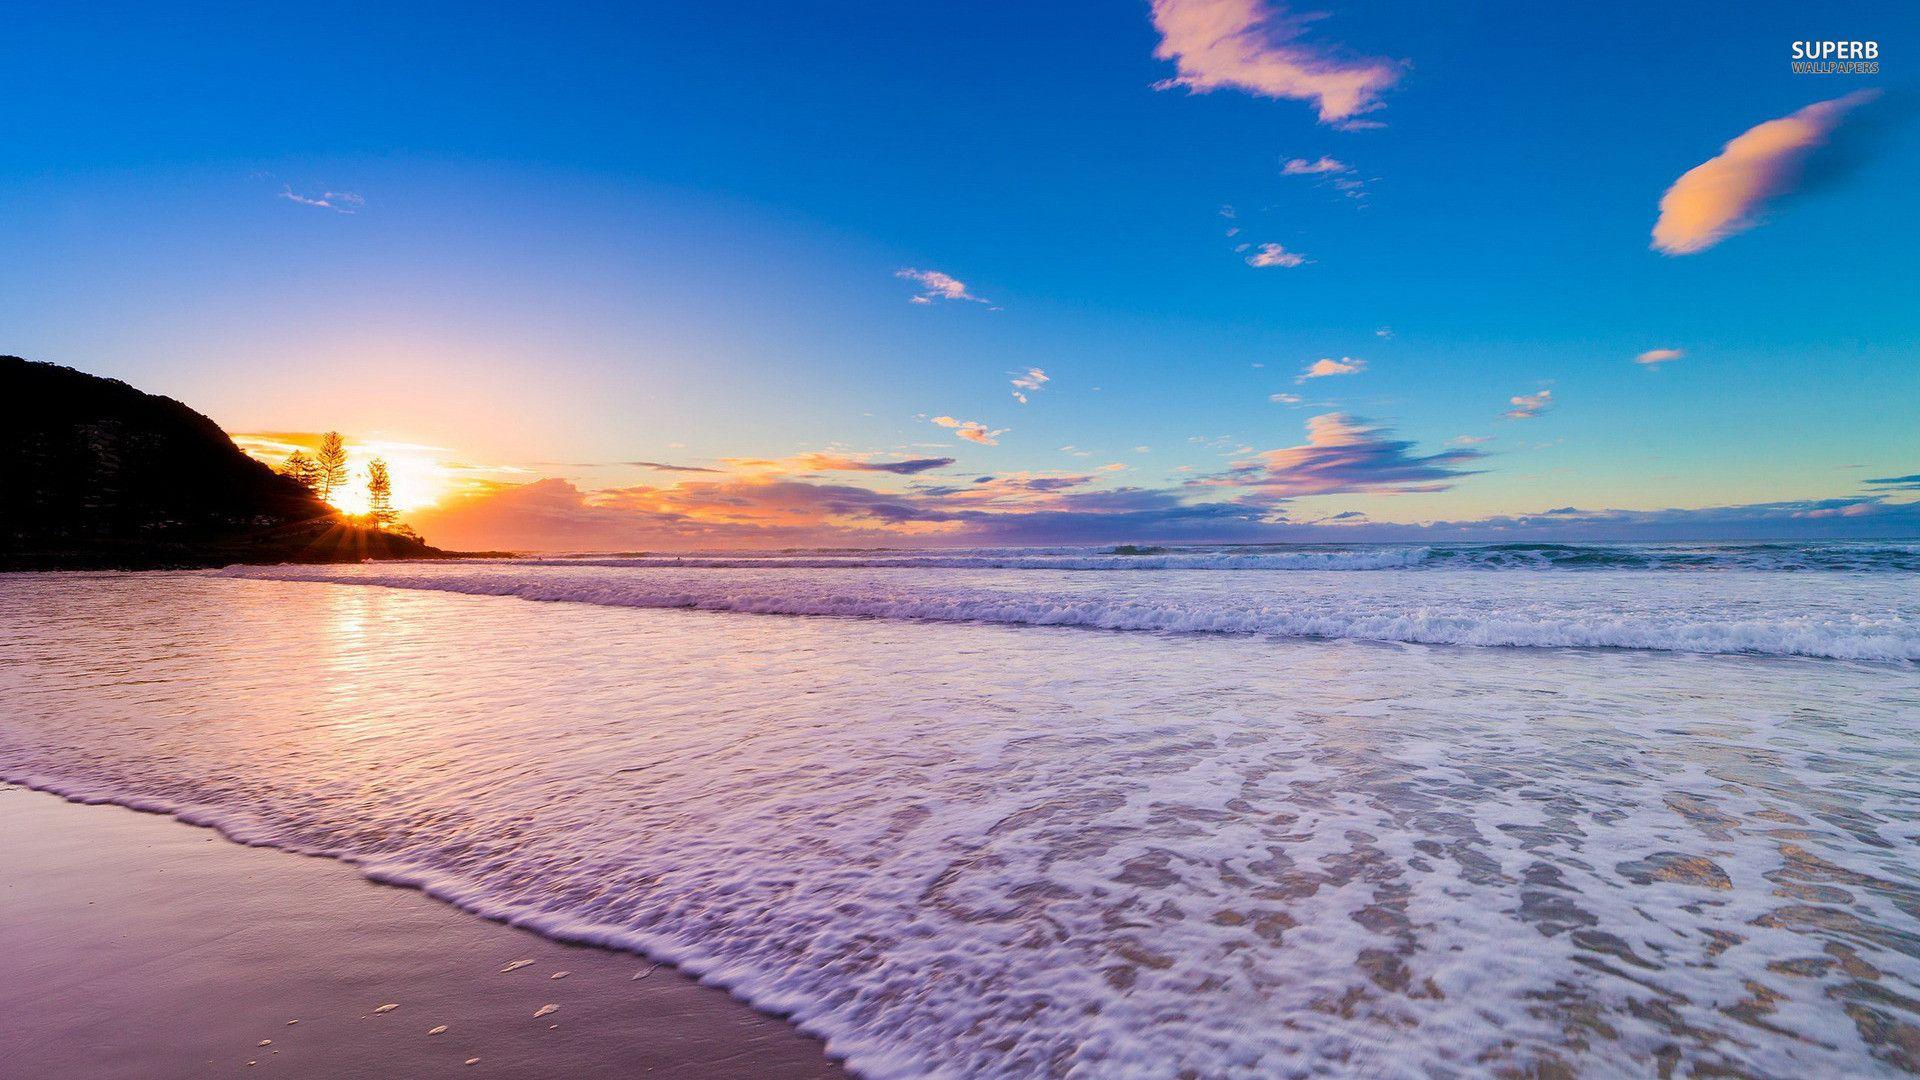 1920x1080 Hd Wallpaper Beach Beach Wallpaper Ocean Wallpaper Waves Wallpaper